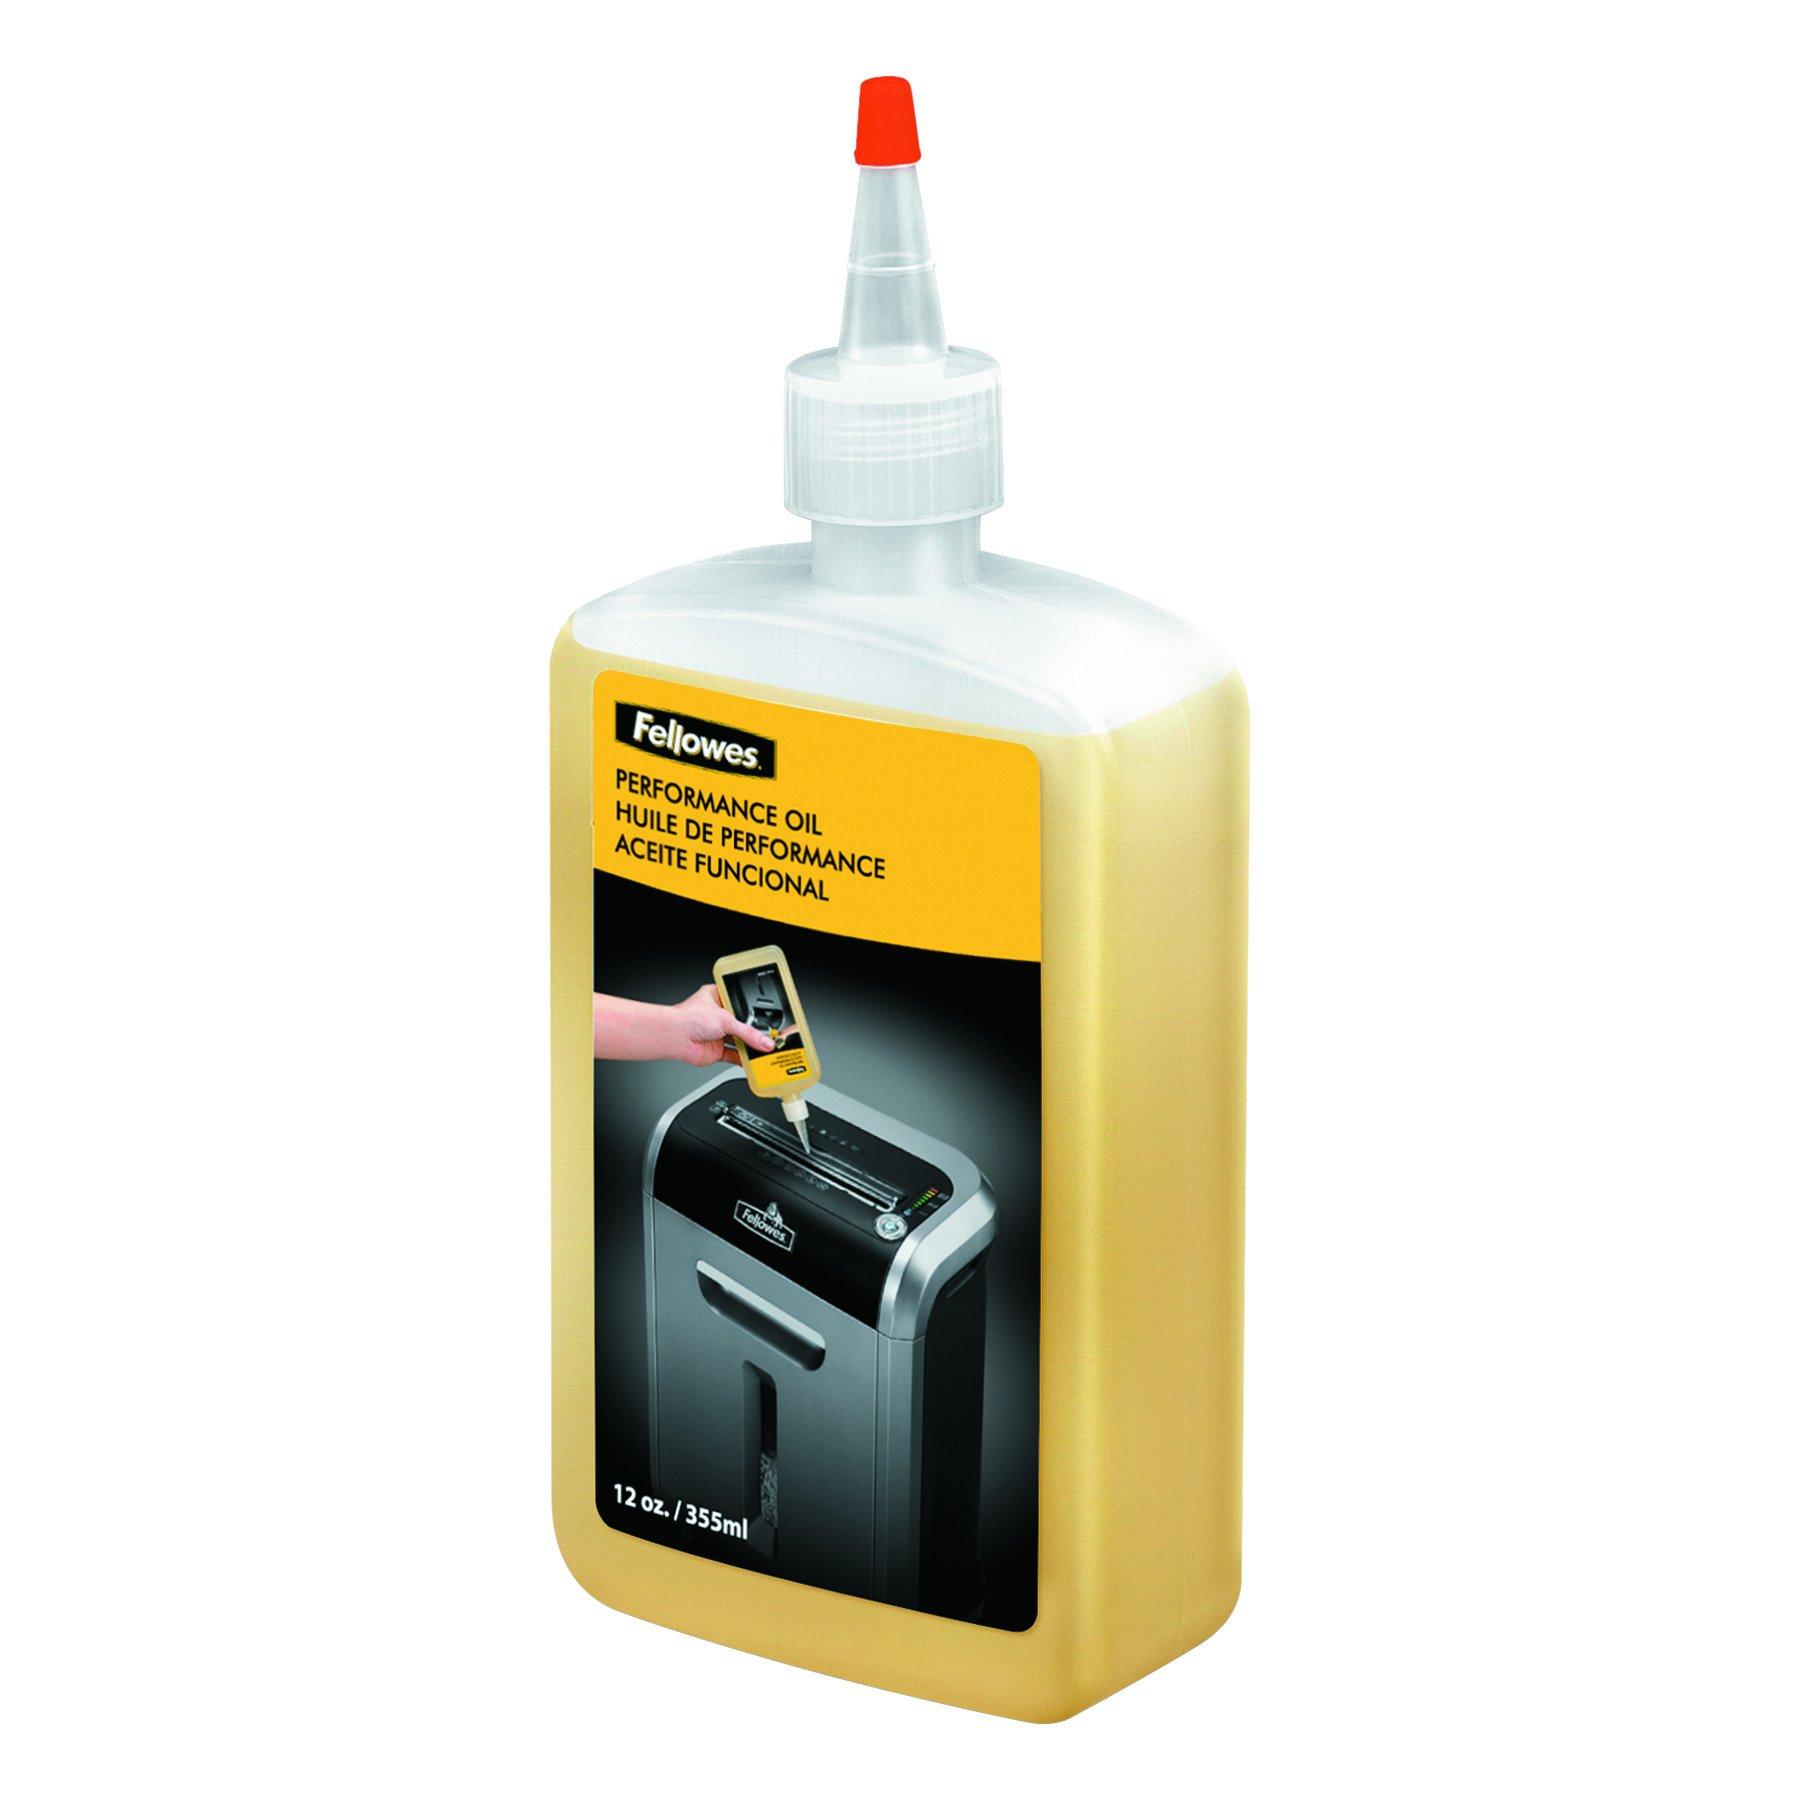 Fellowes - Aceite lubricante para destructoras de papel, 355 ml product image